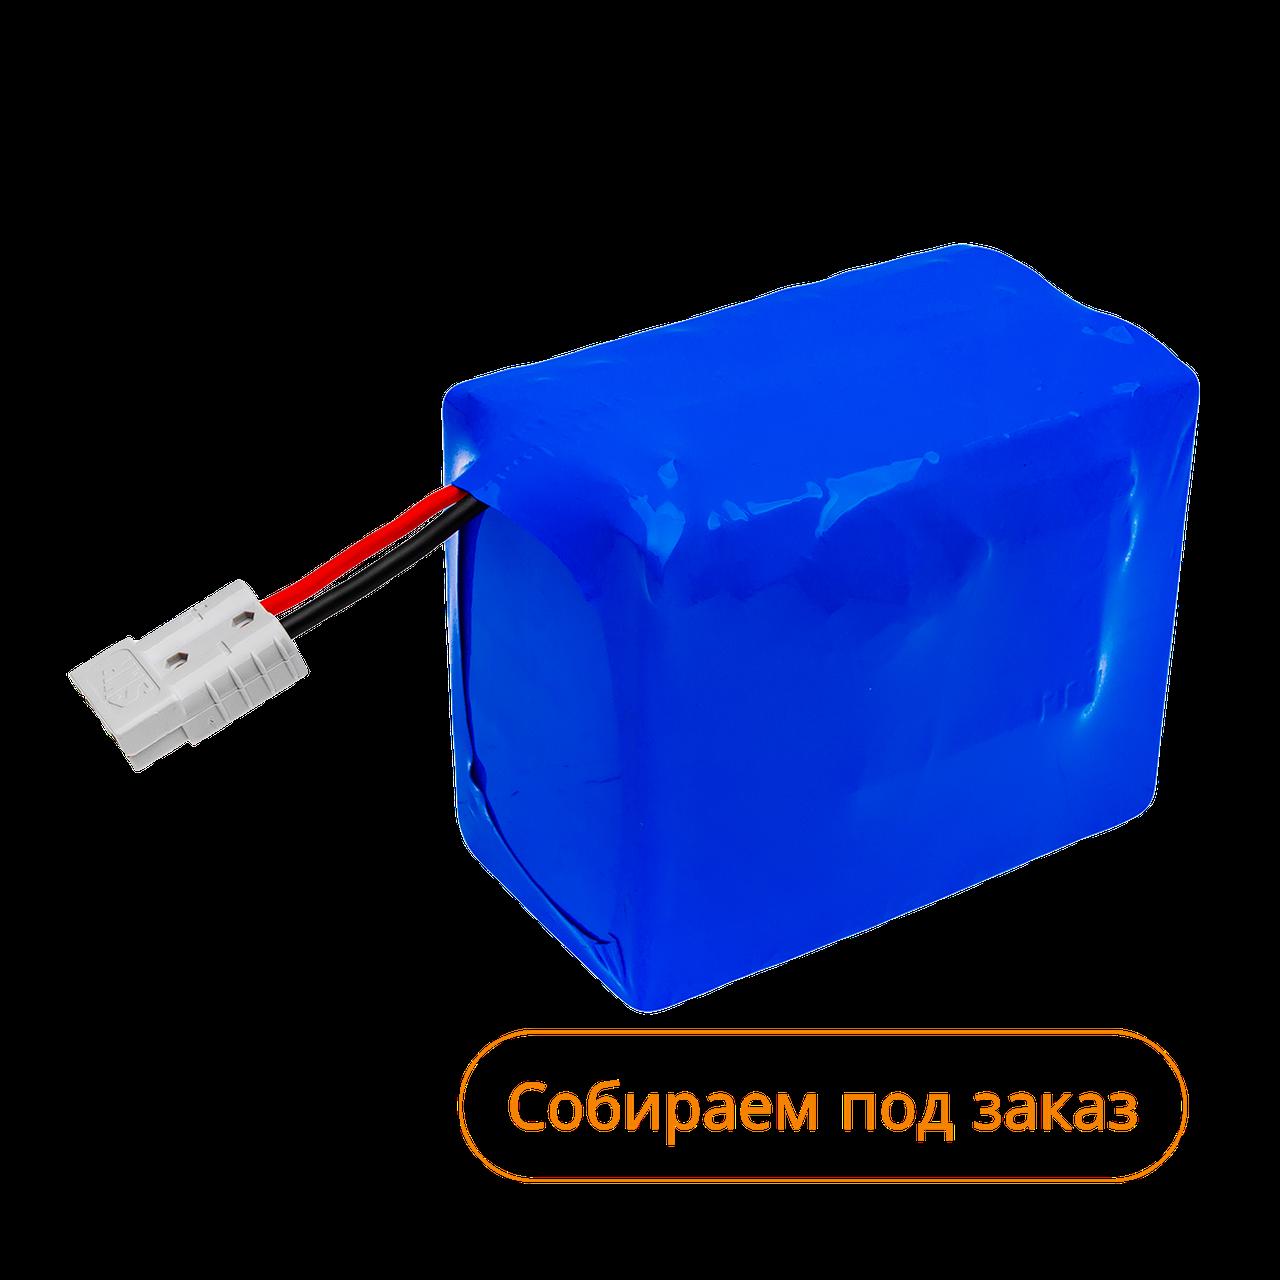 Аккумулятор для лодки LP LiFePo-4 12V - 90 Ah (BMS 80A), акб для лодочного электромотора